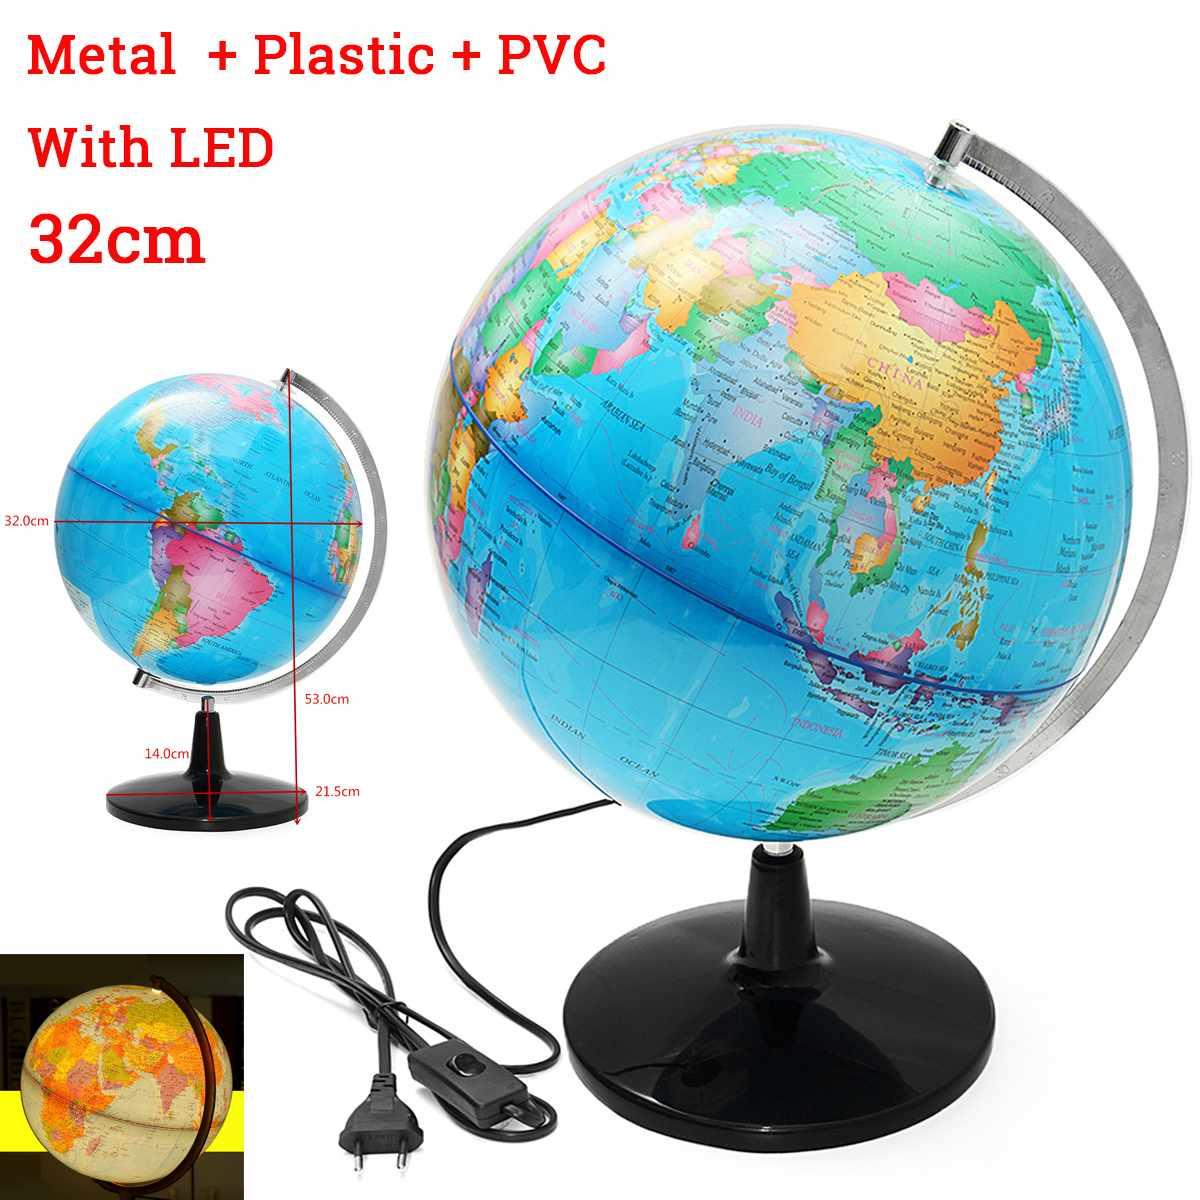 32 CM lumière LED terre monde Globe terre carte géographie éducation jouet carte avec support rotatif décoration de la maison bureau ornement